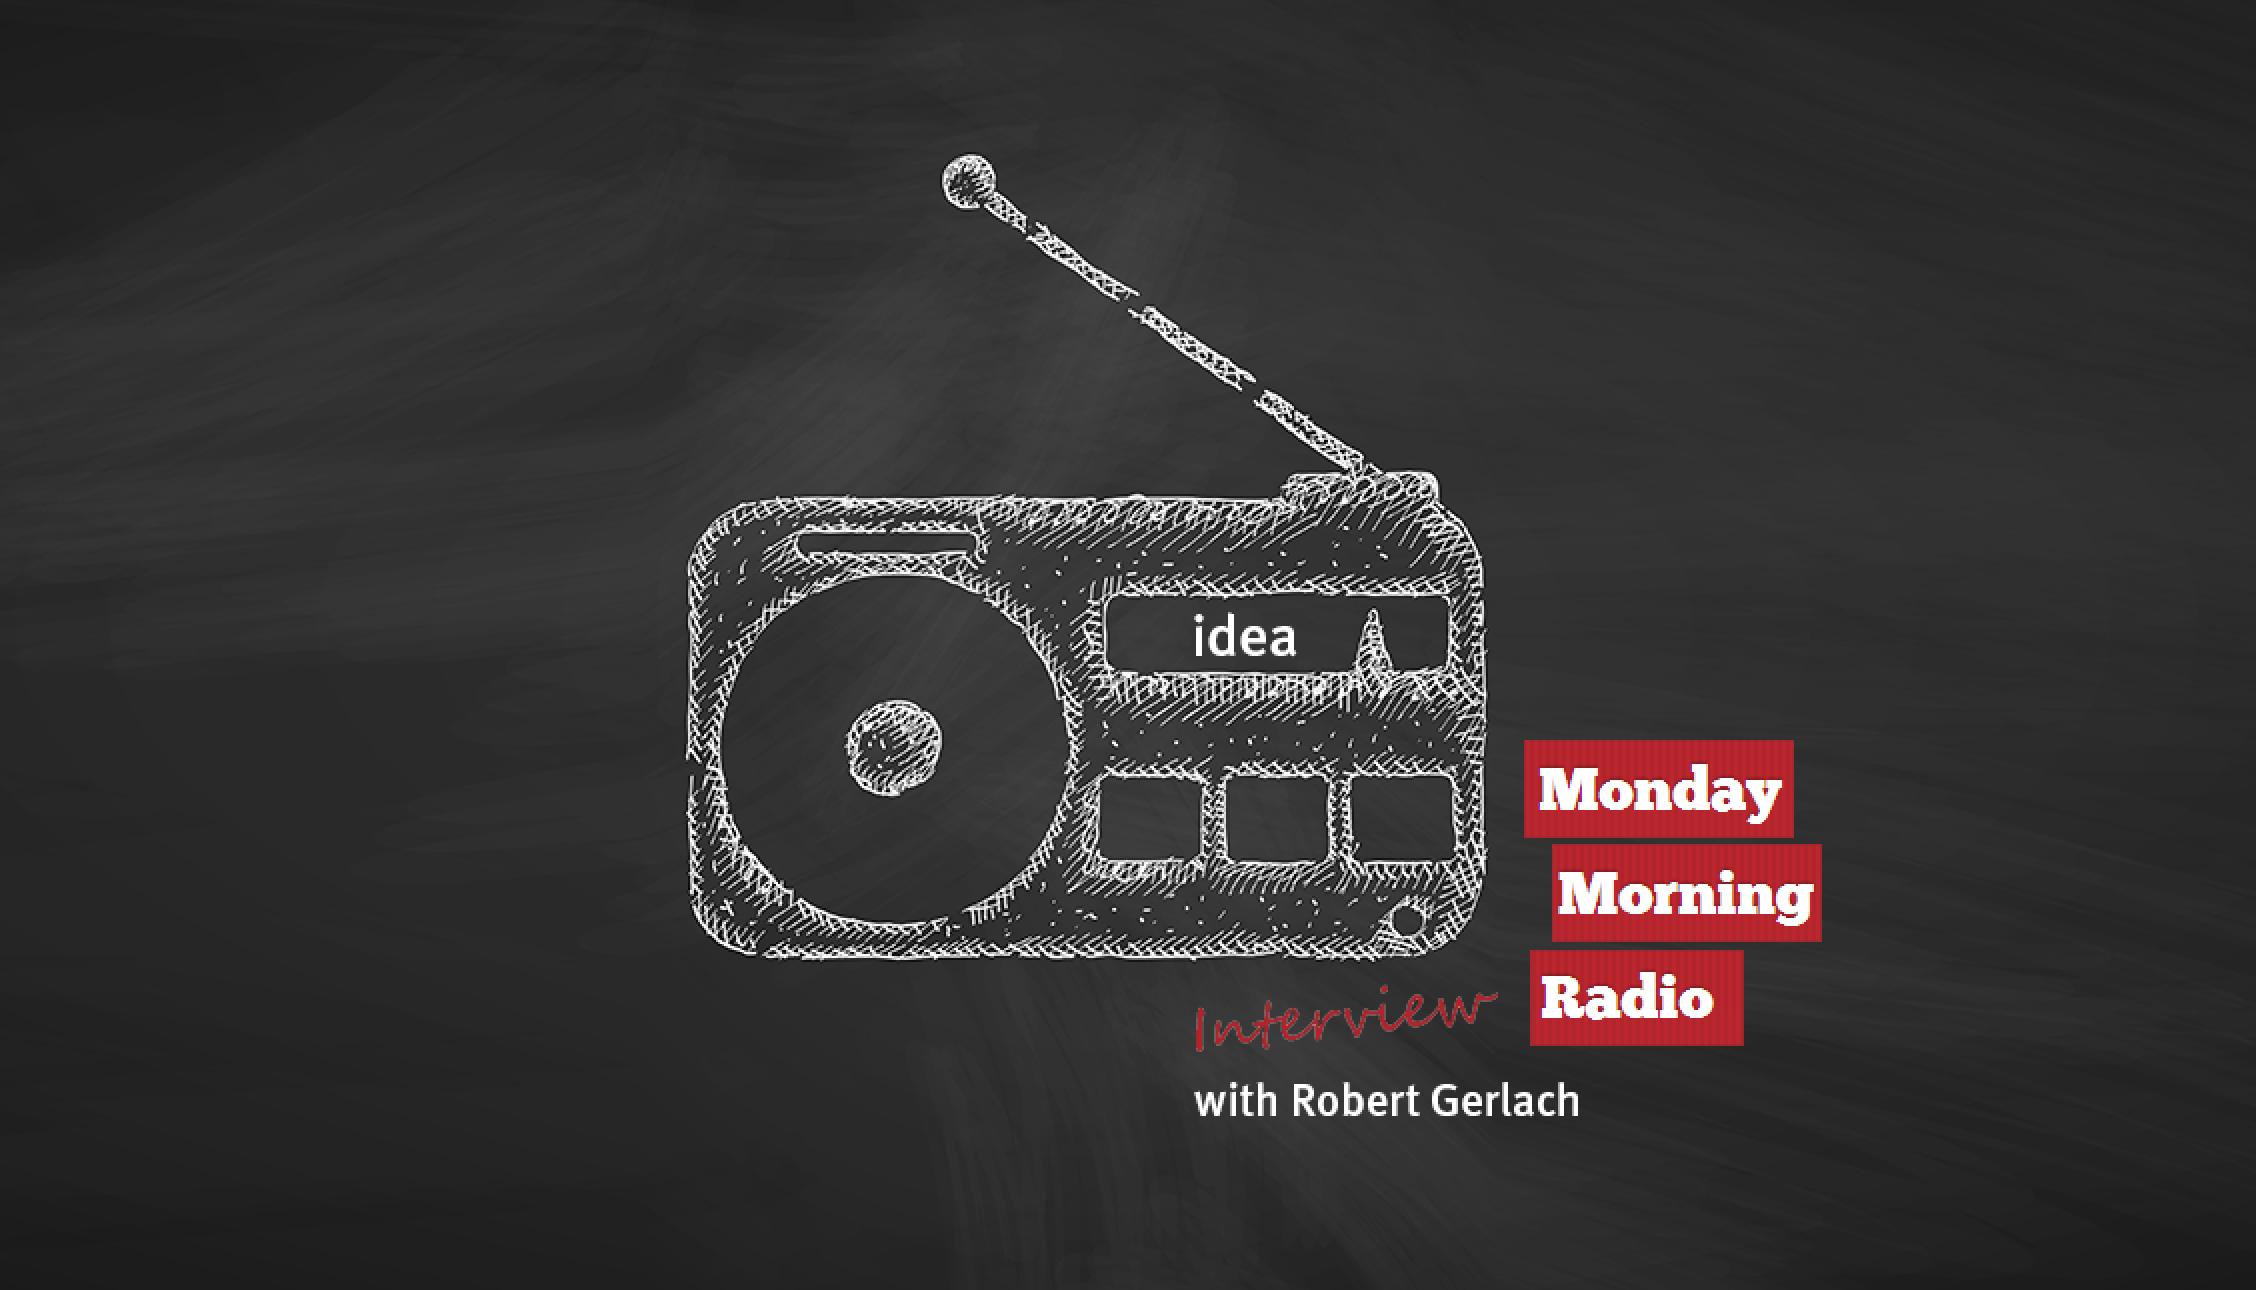 idea_radio